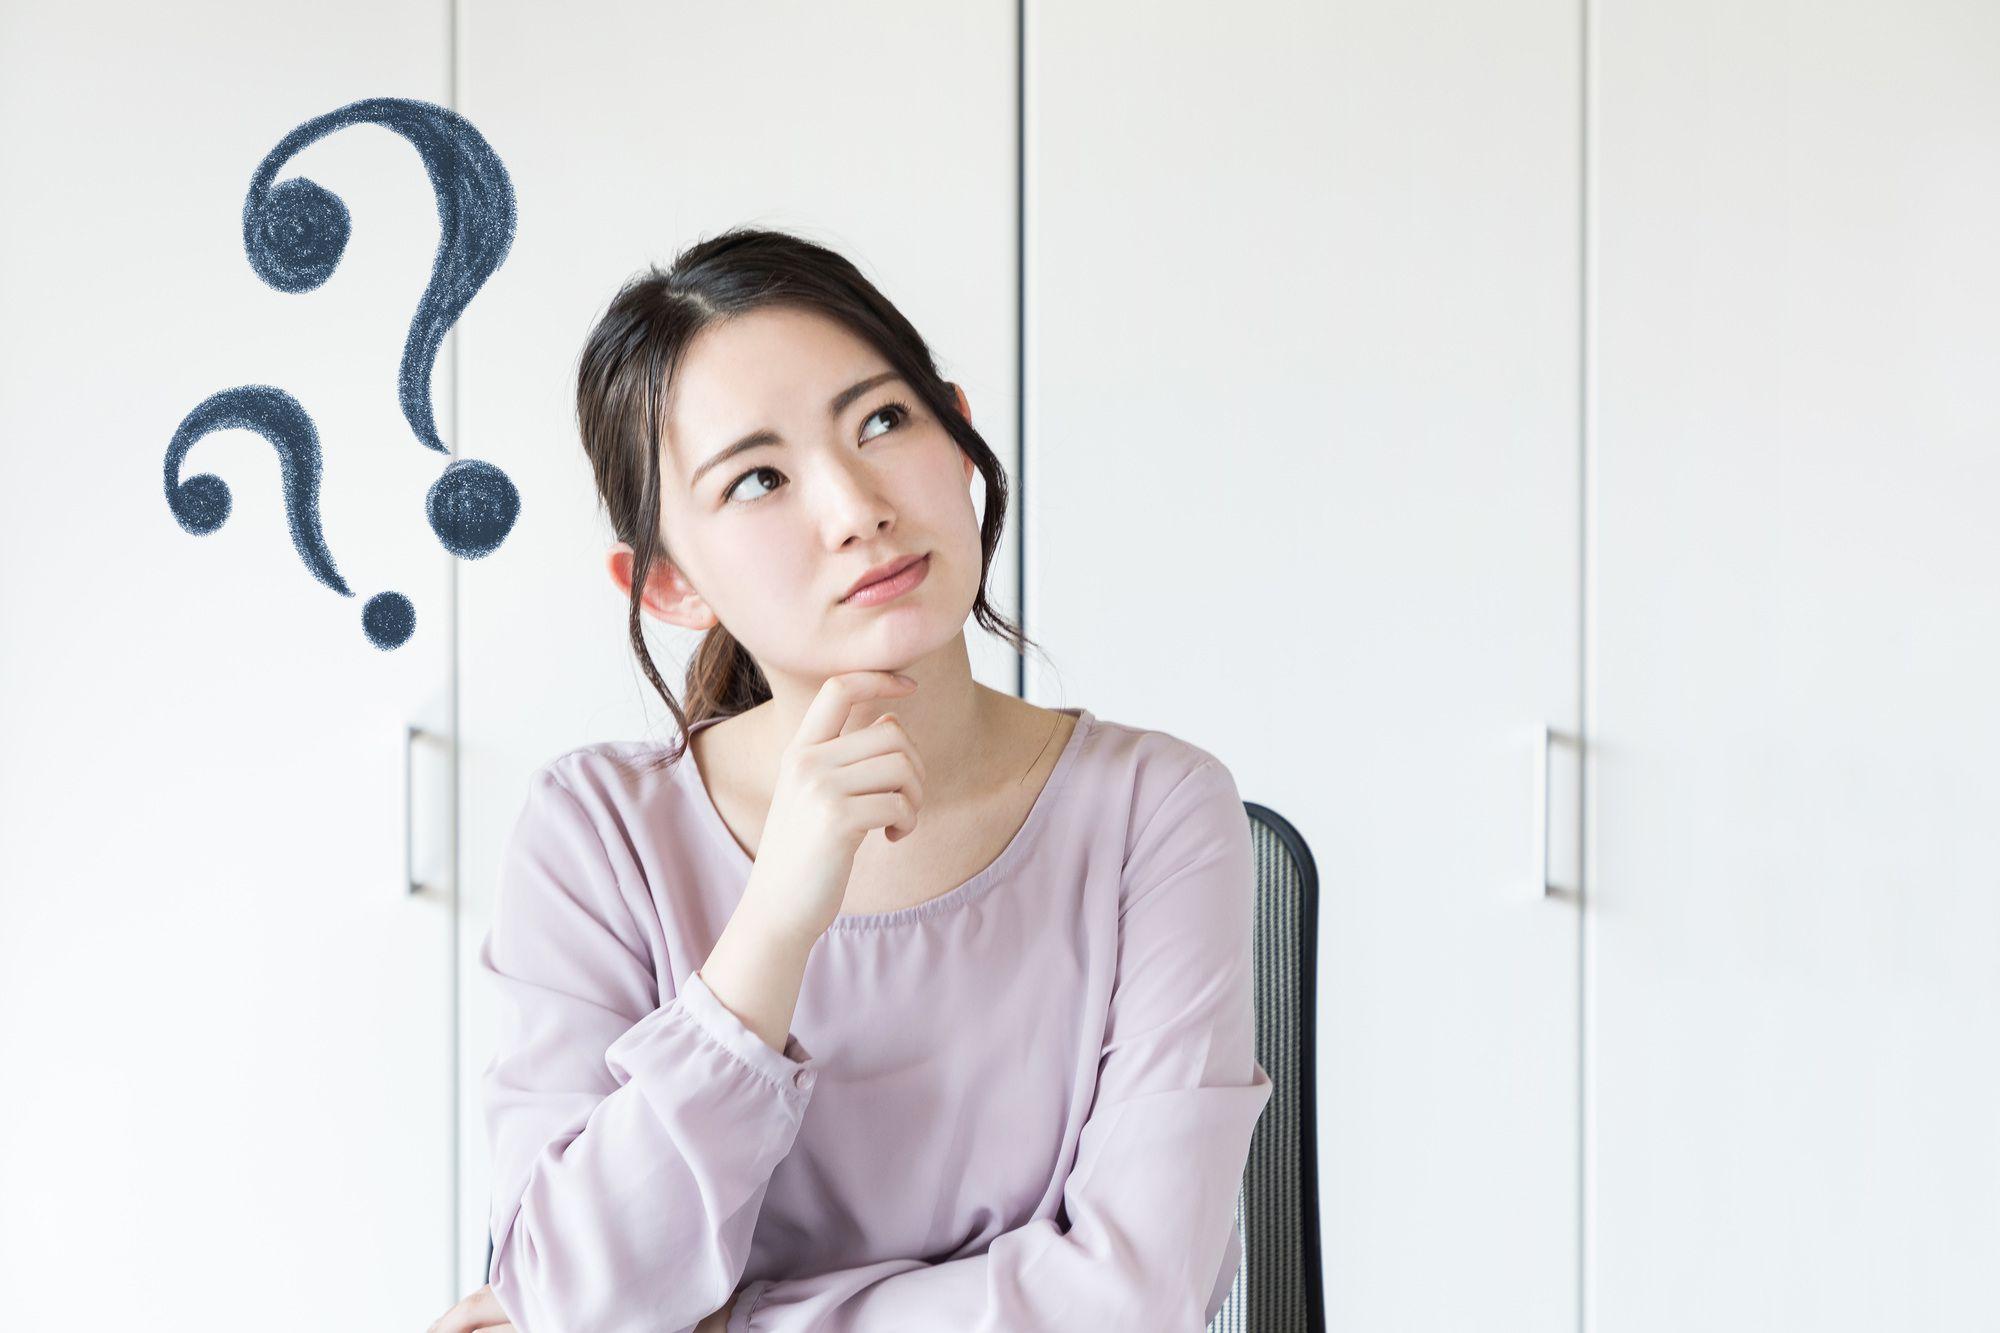 イベント企画を成功させる上での重要な考え方とは?